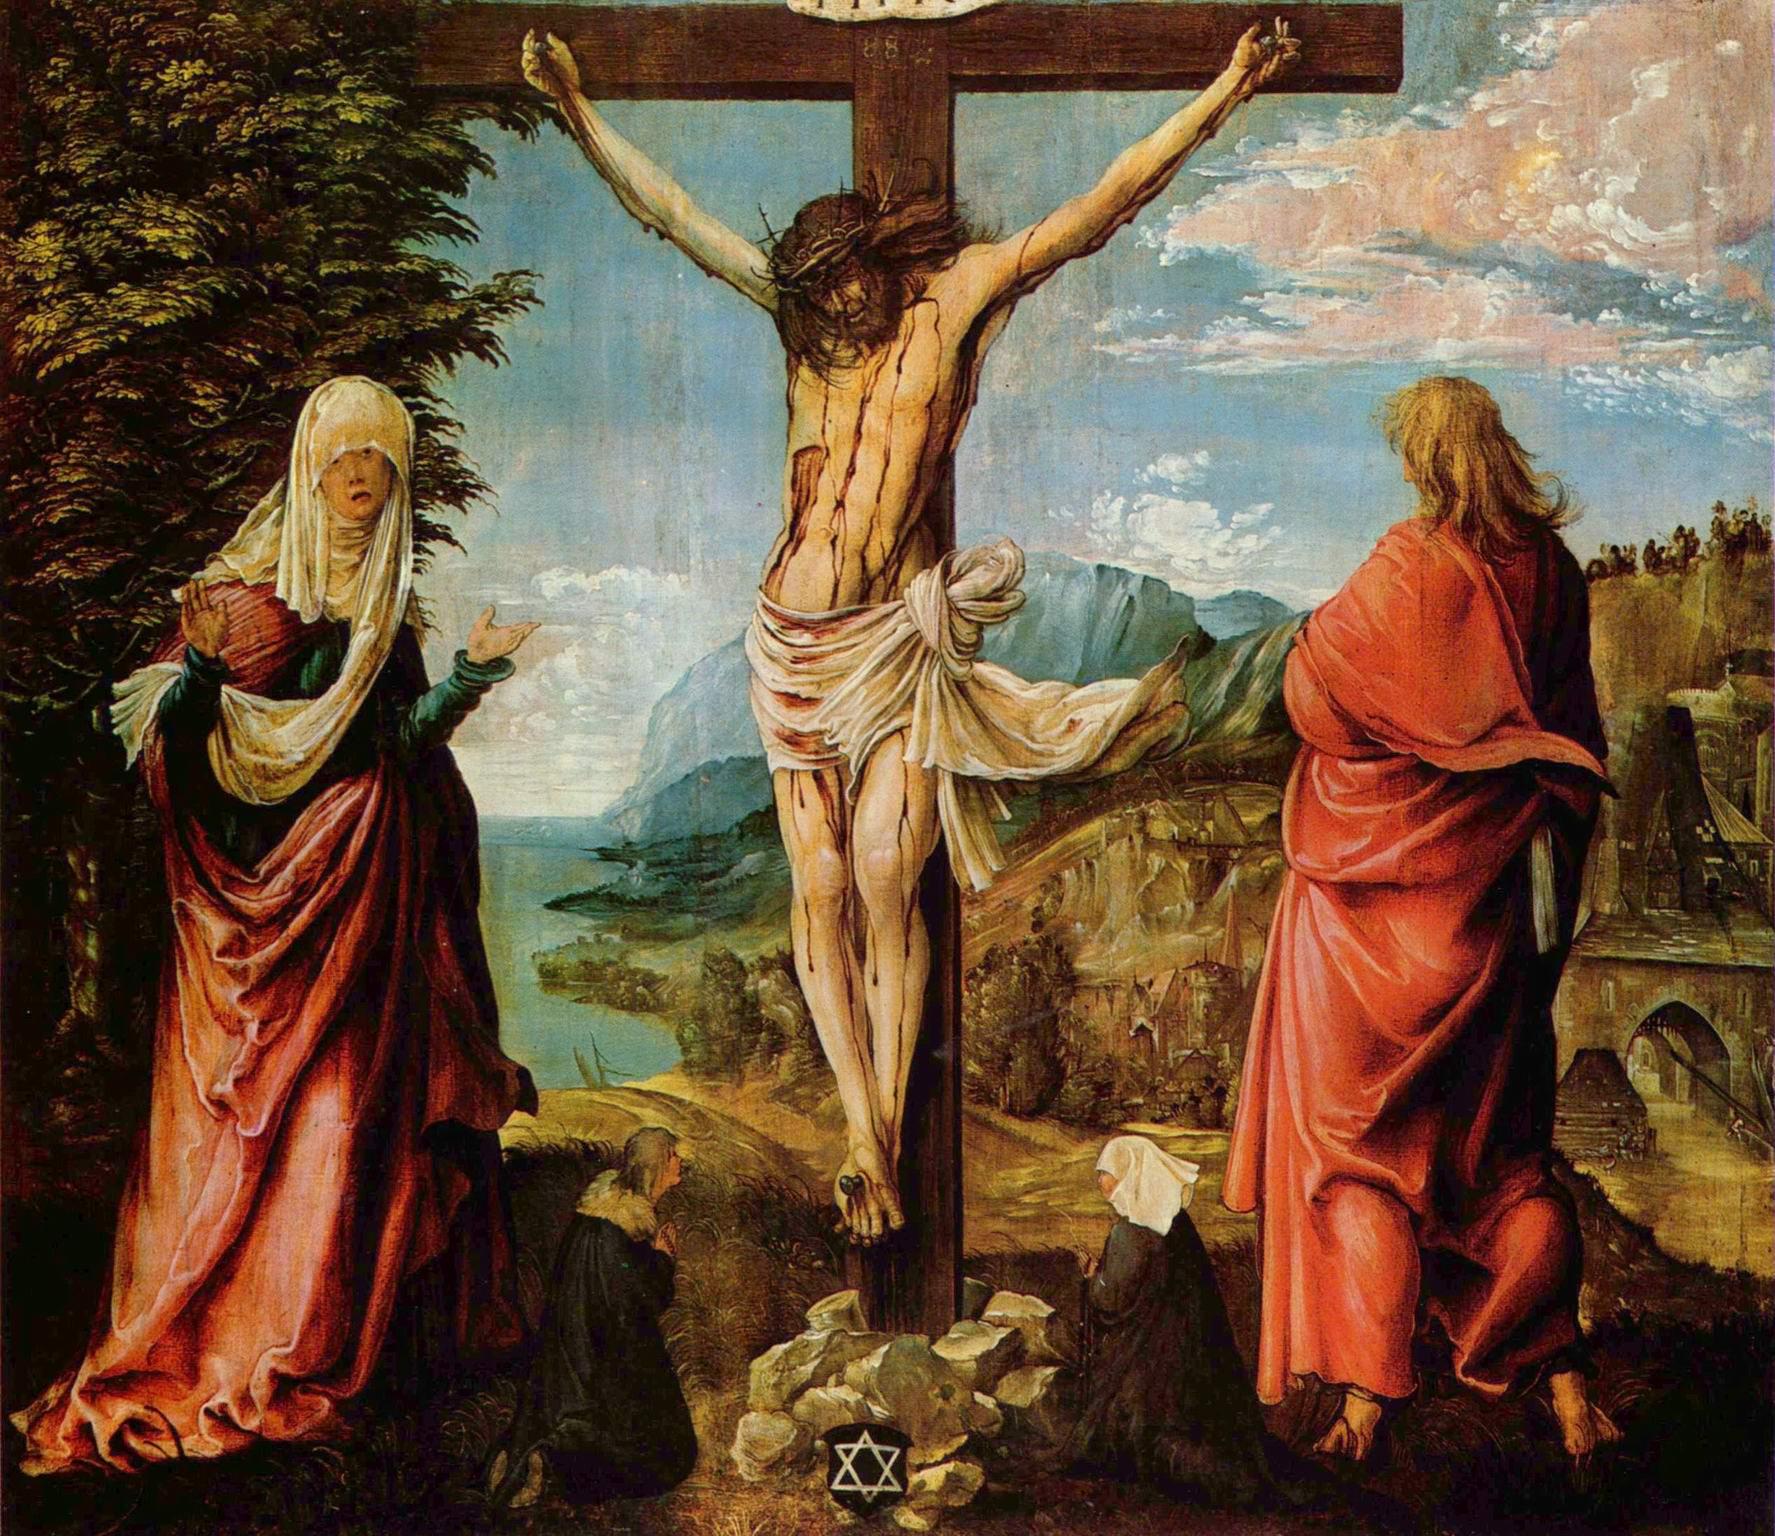 Распятие  Христос на кресте, Мария и Иоанн, Альтдорфер Альбрехт